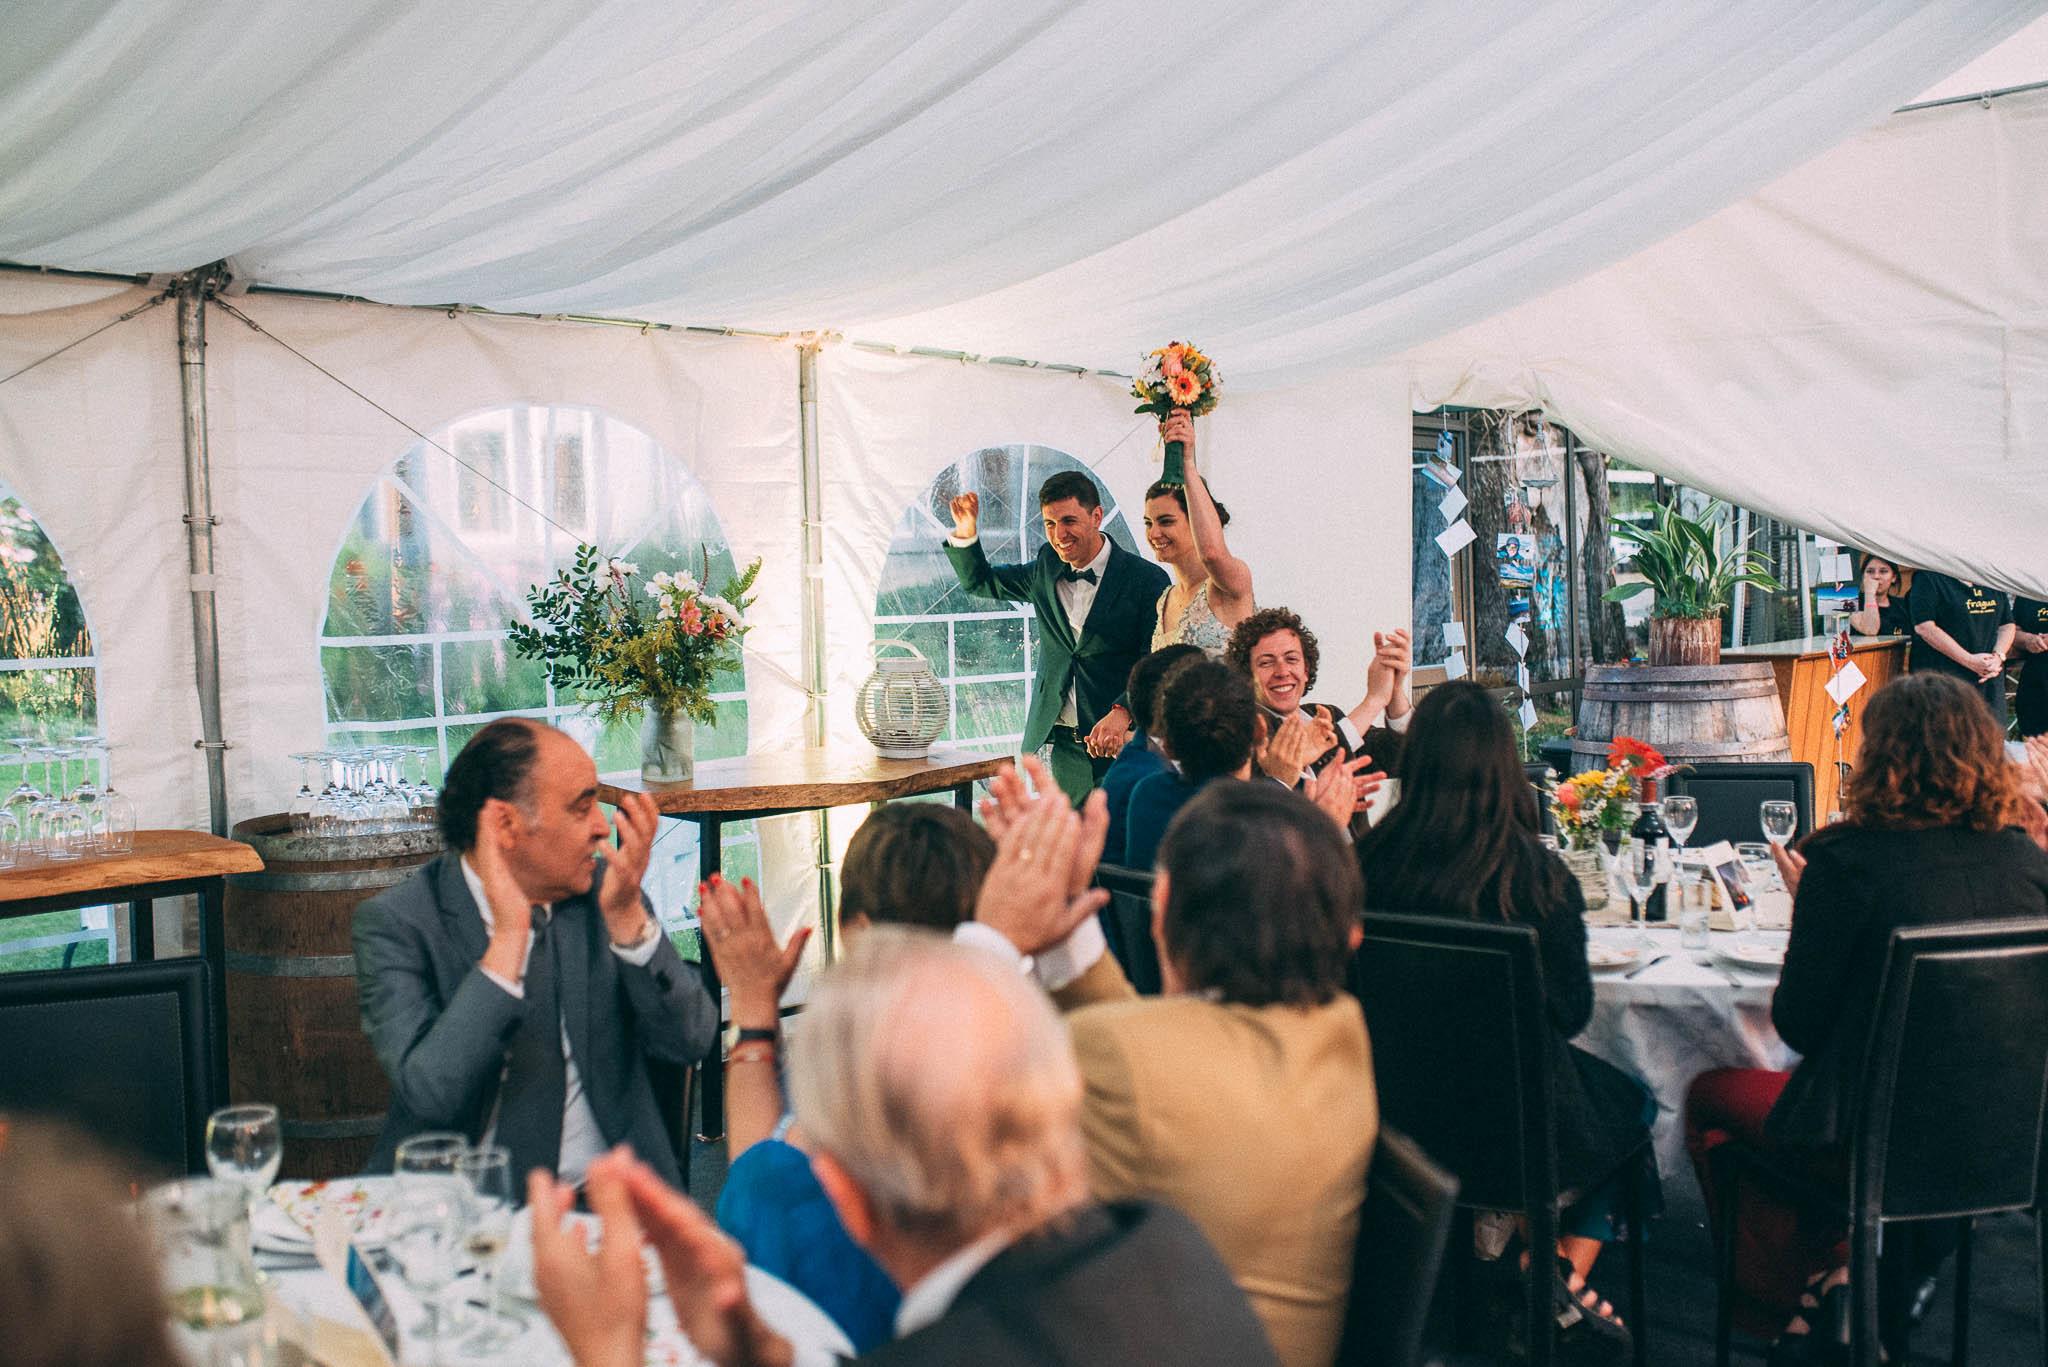 la fragua centro de eventos-purranque-decima region-llanquihue-matrimonio campestre-fotografo documental de matrimonios-cena